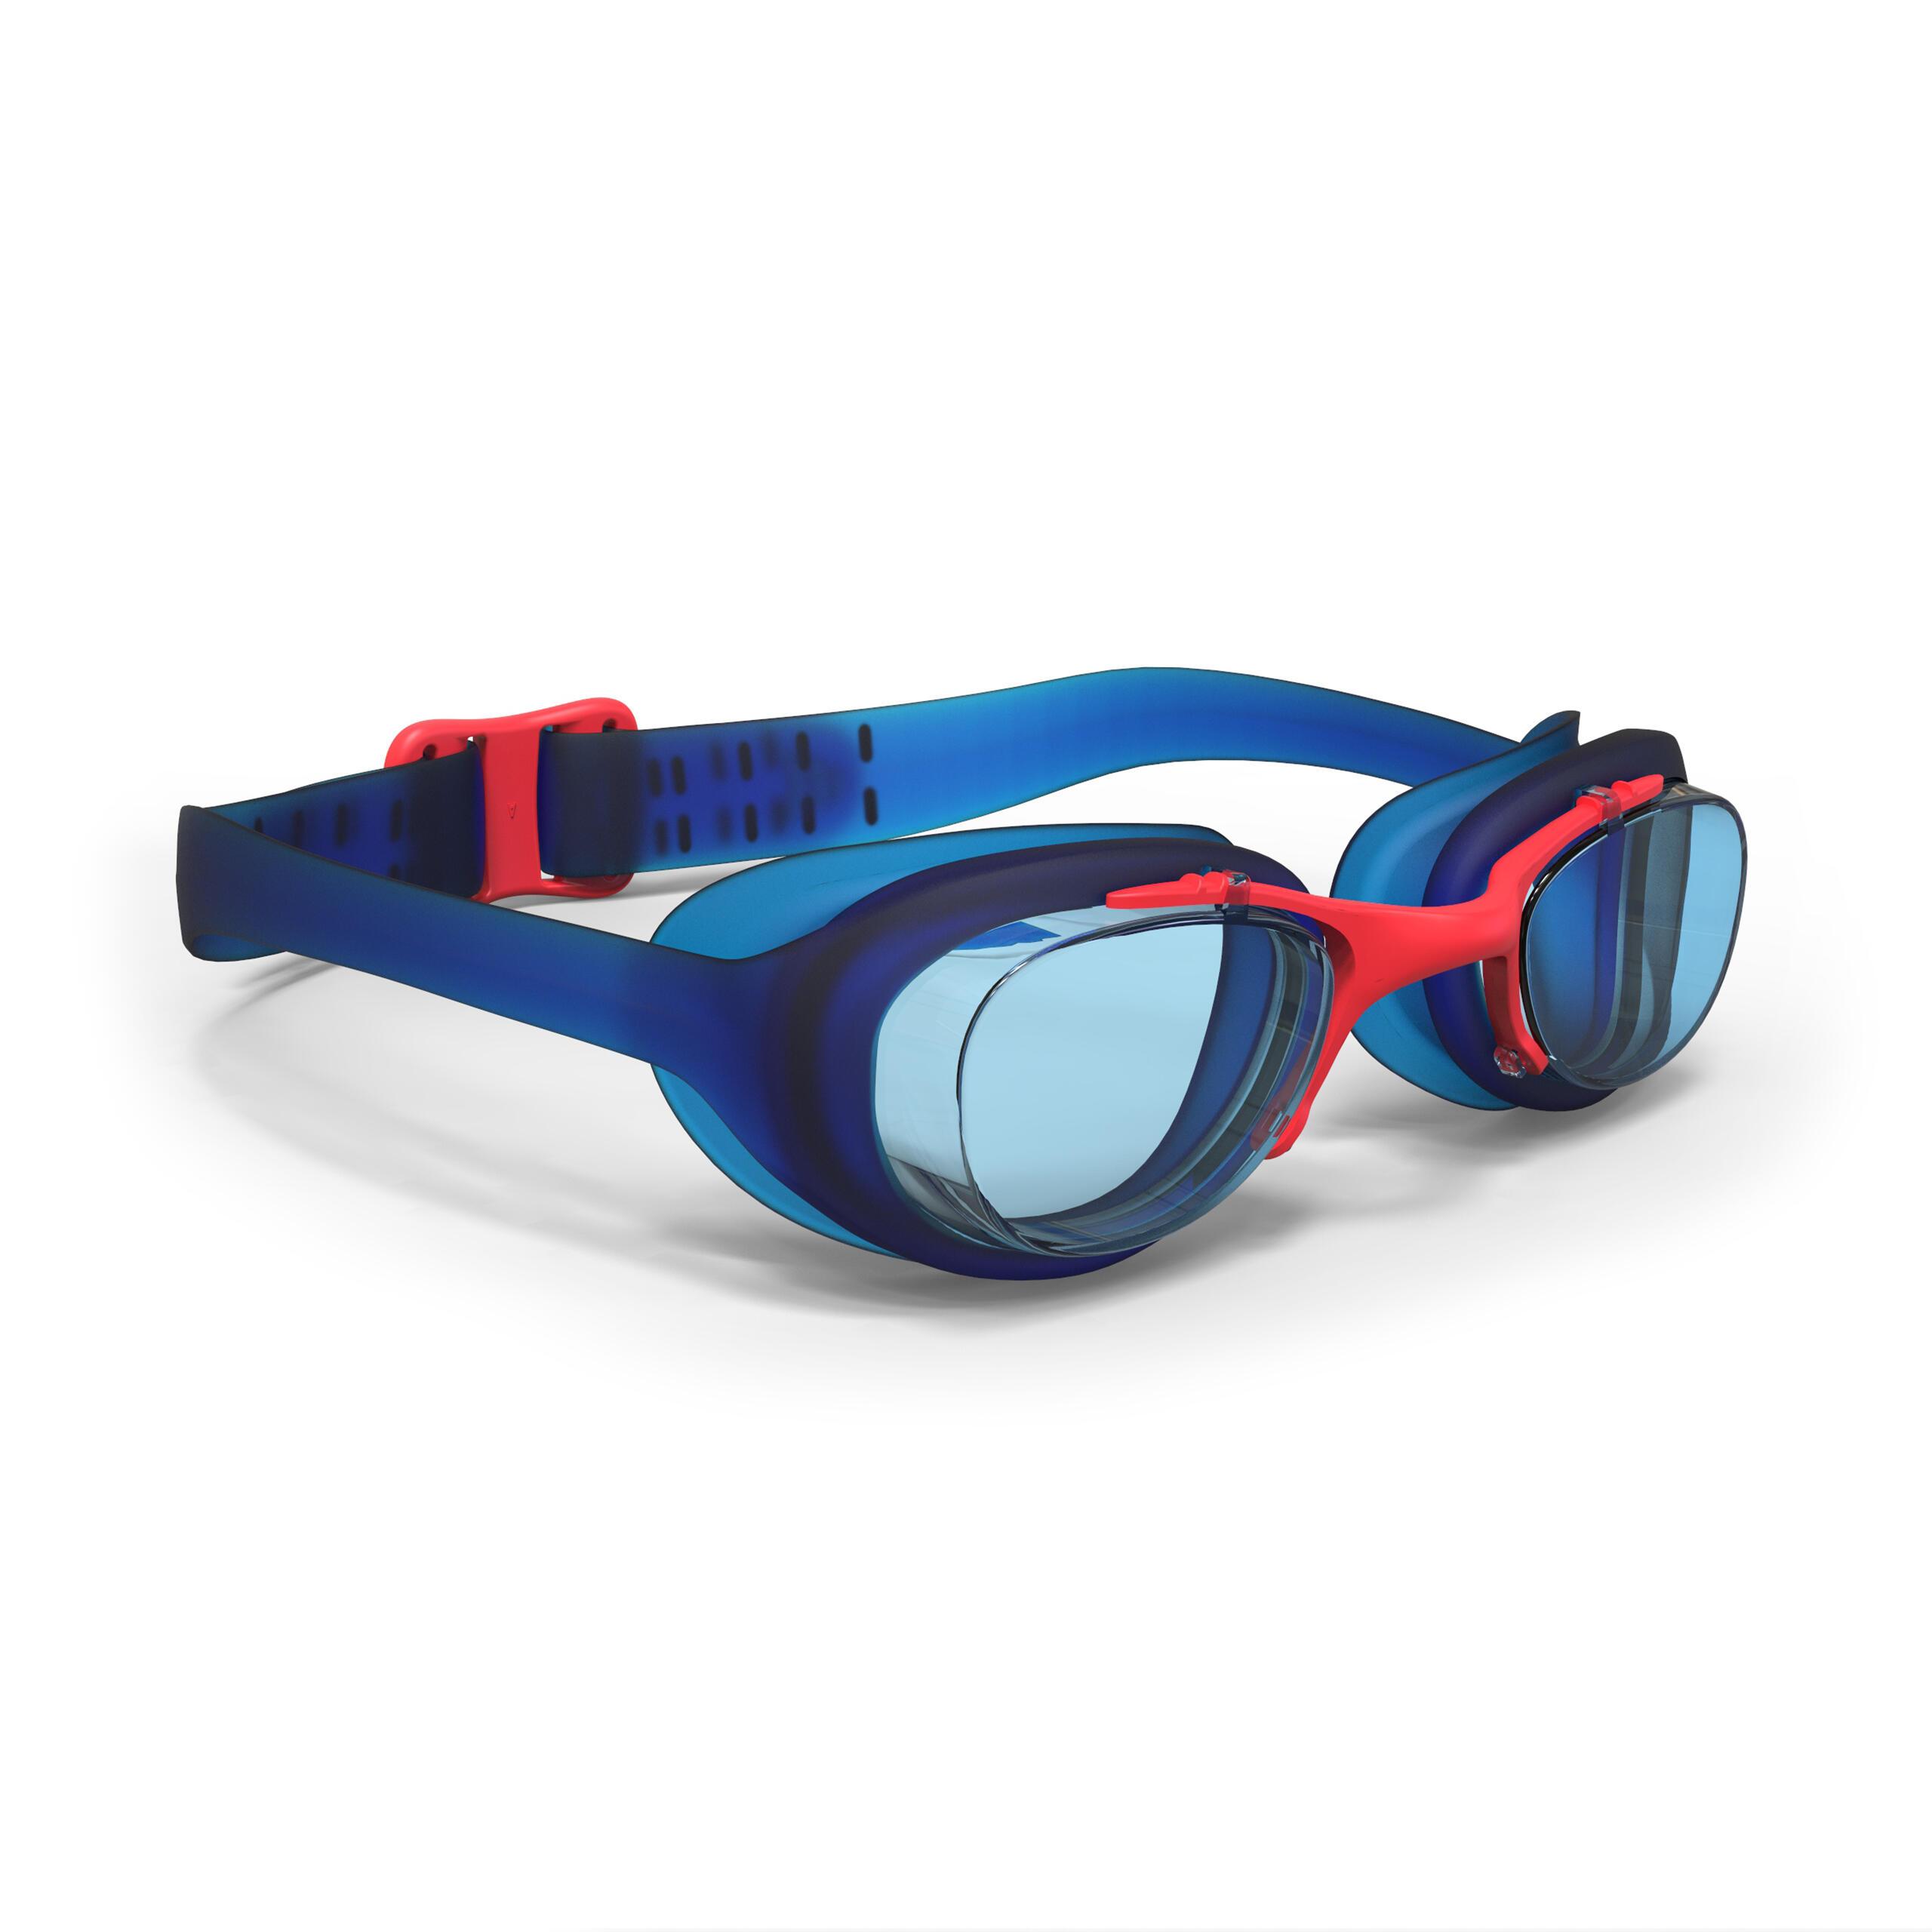 Nabaiji Zwembril X-Base 100 maat S kopen? Sport>Sportbrillen>Brillen voor zwemmen met voordeel vind je hier